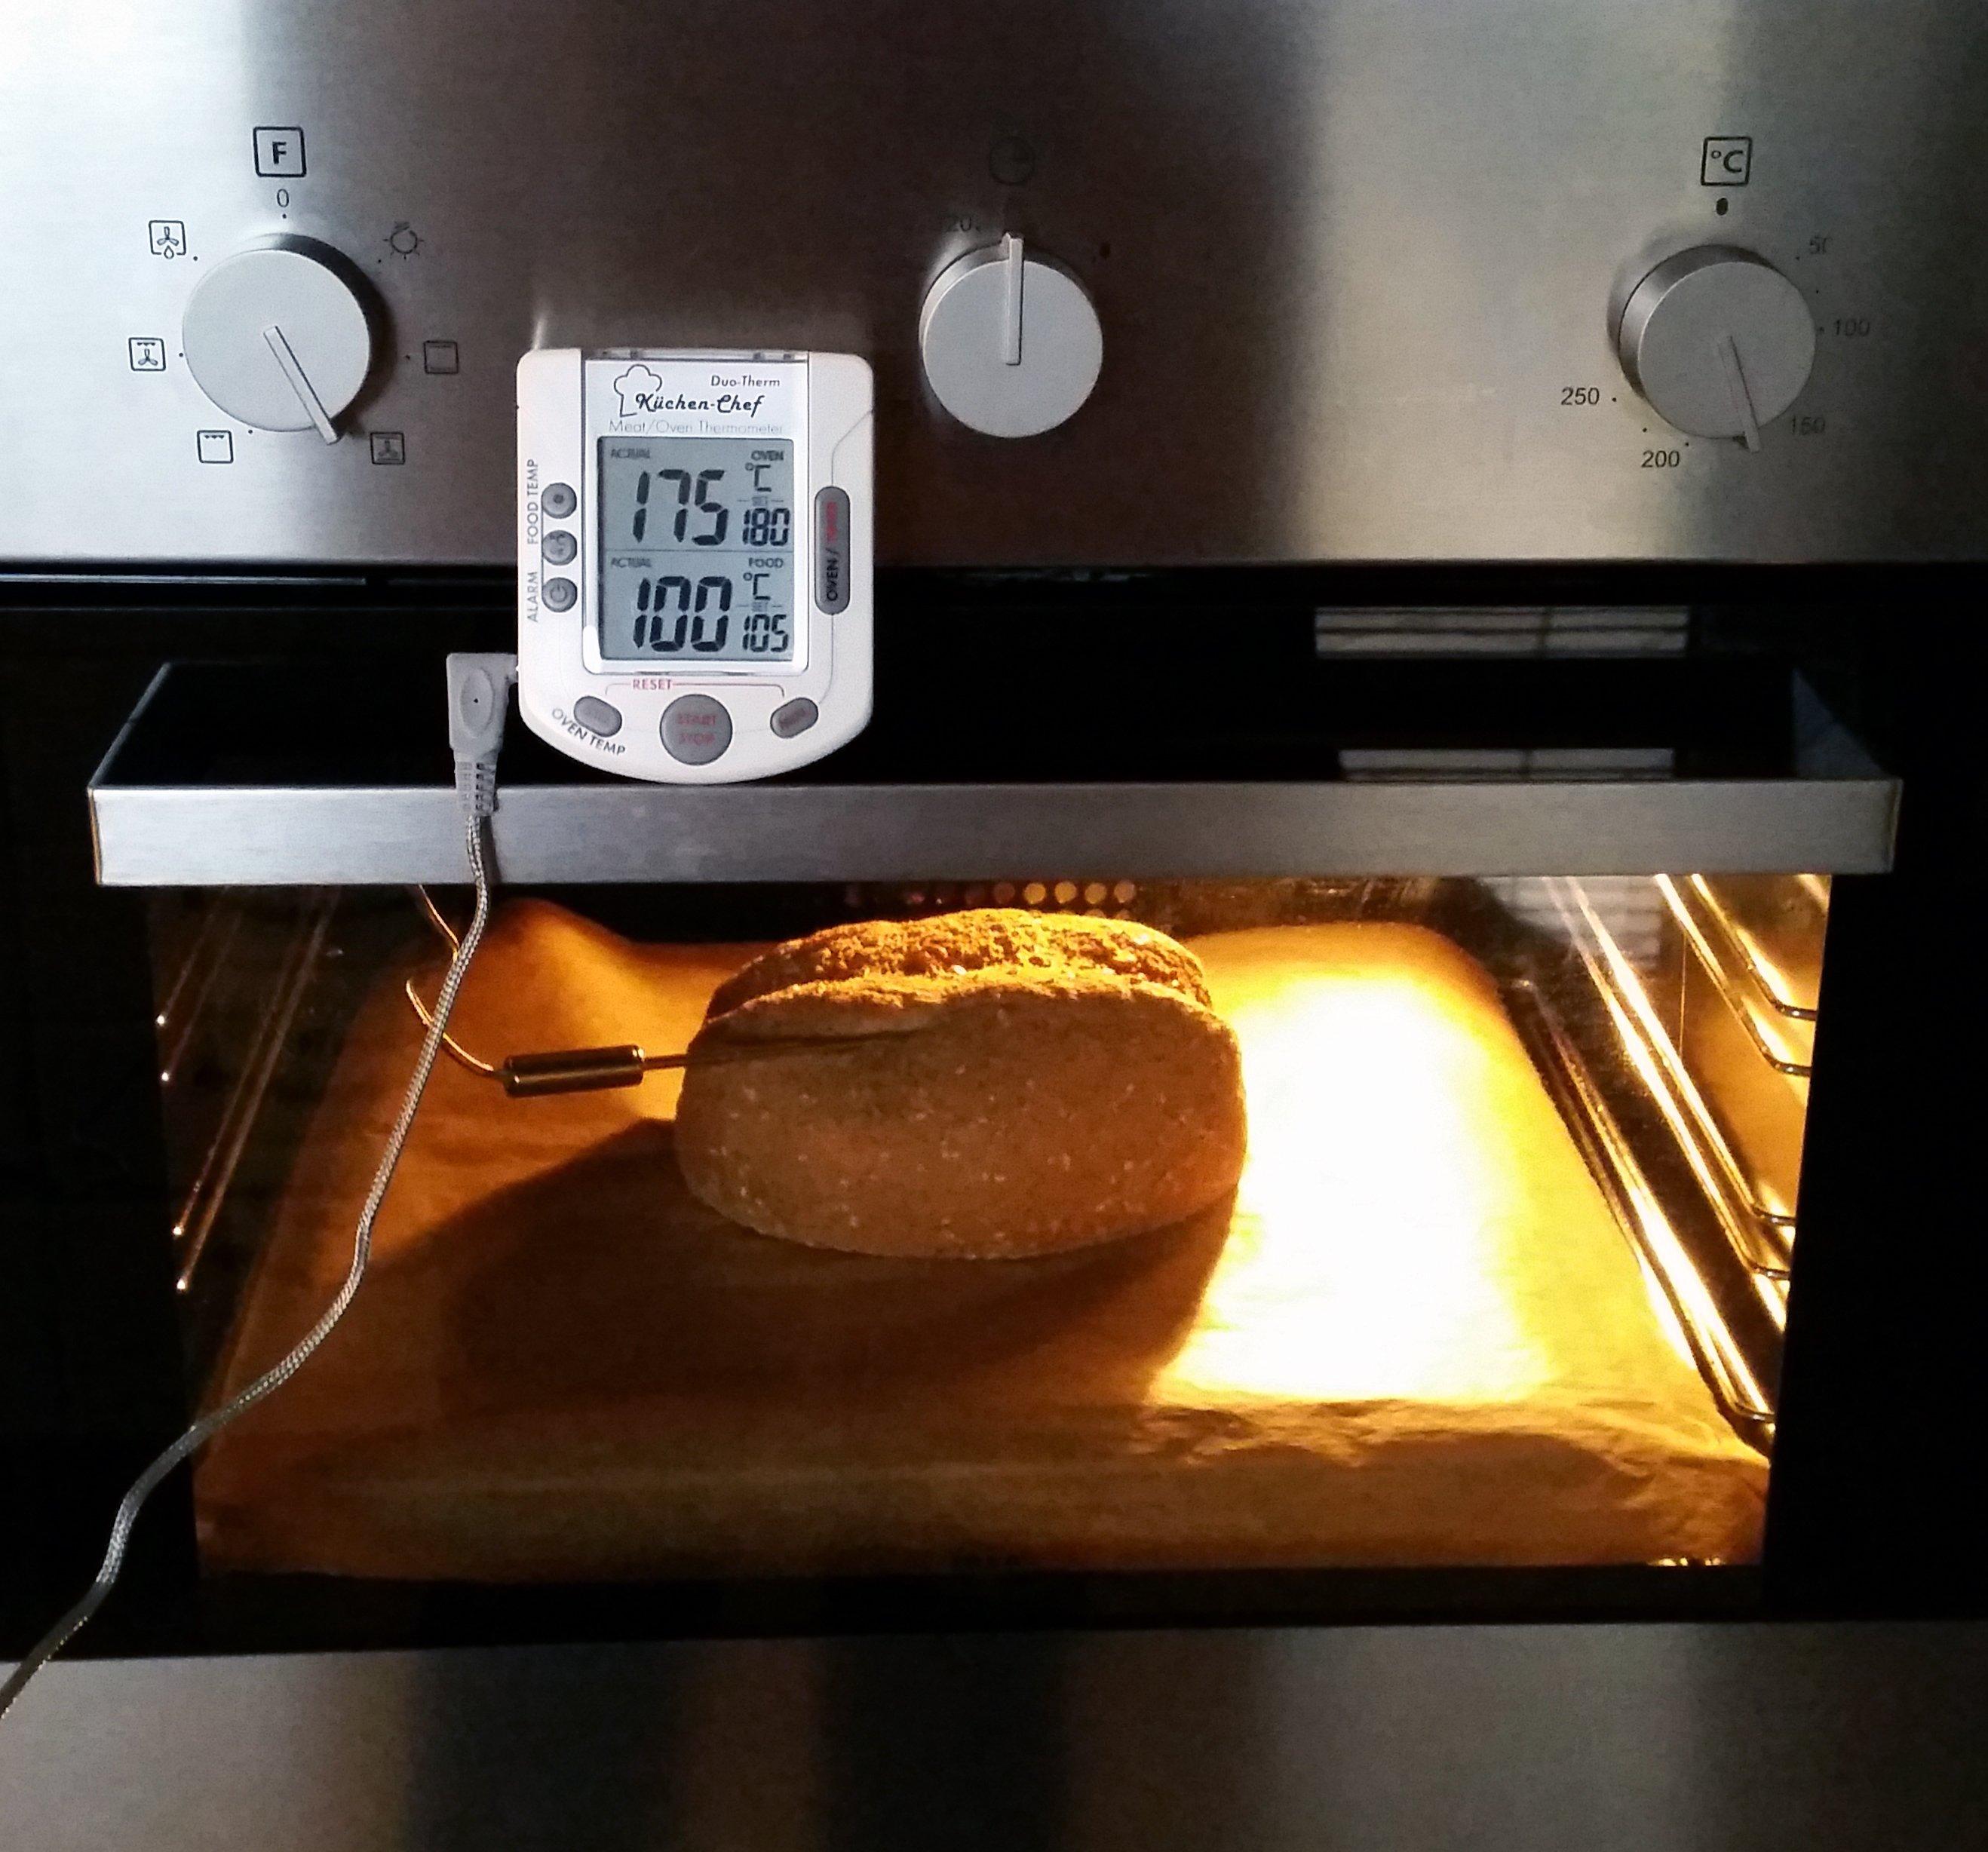 Der Ofen heizt konstant auf 175°C und dennoch steigt die Brottemperatur nicht höher als 100°C!